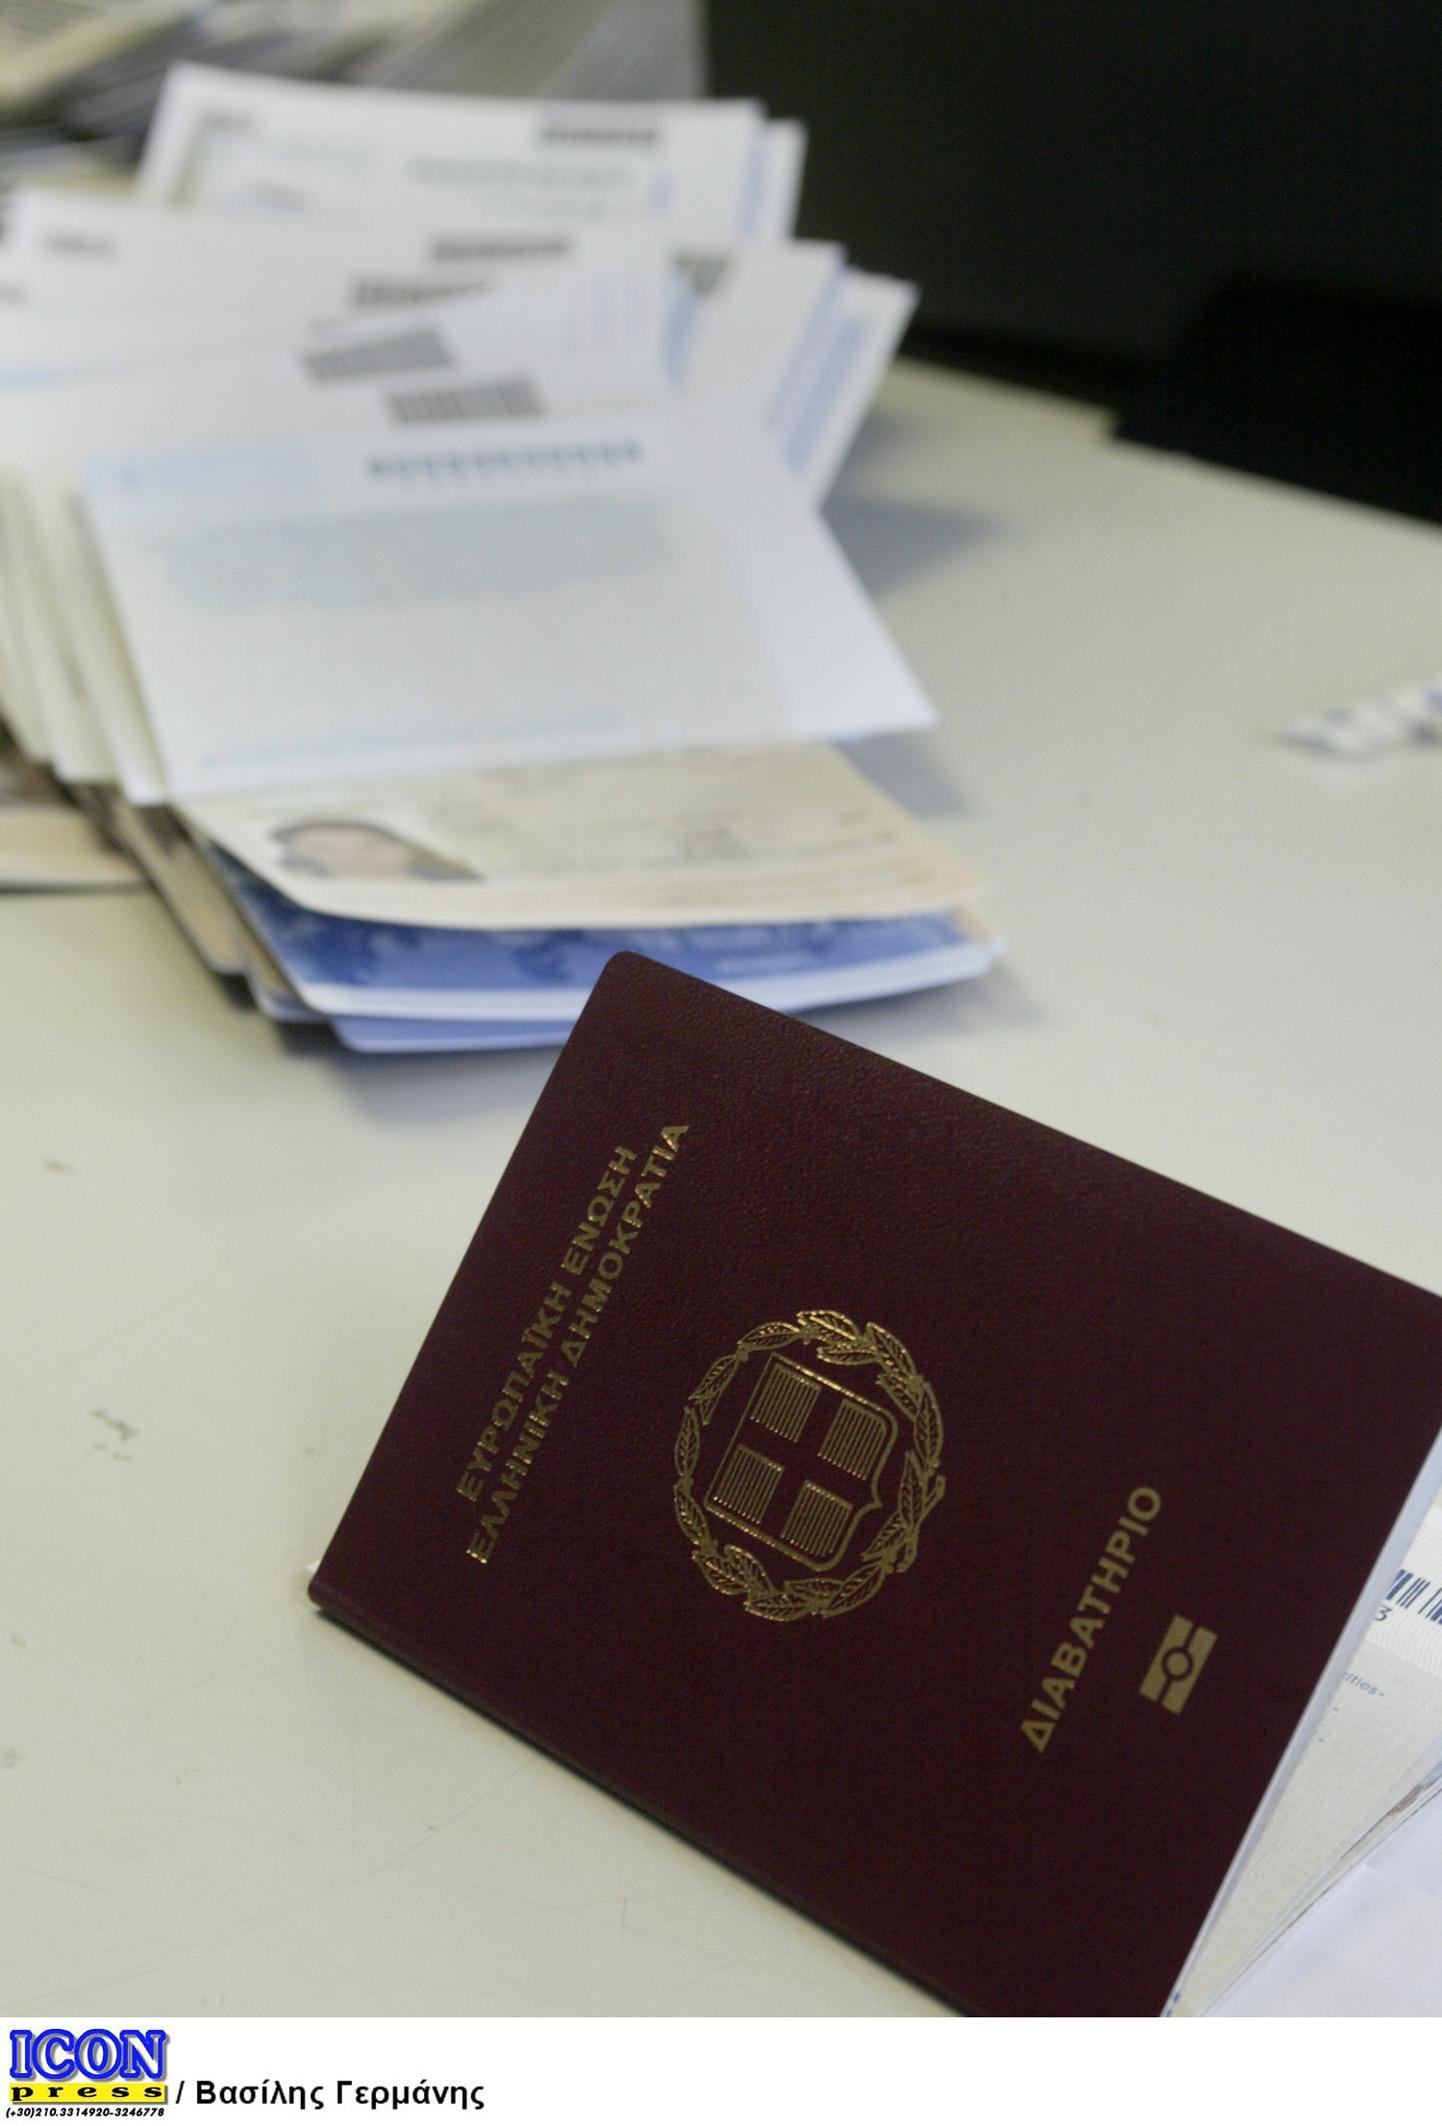 Κατά προτεραιότητα και χωρίς κόστος η έκδοση διαβατηρίων στους πυρόπληκτους | tovima.gr